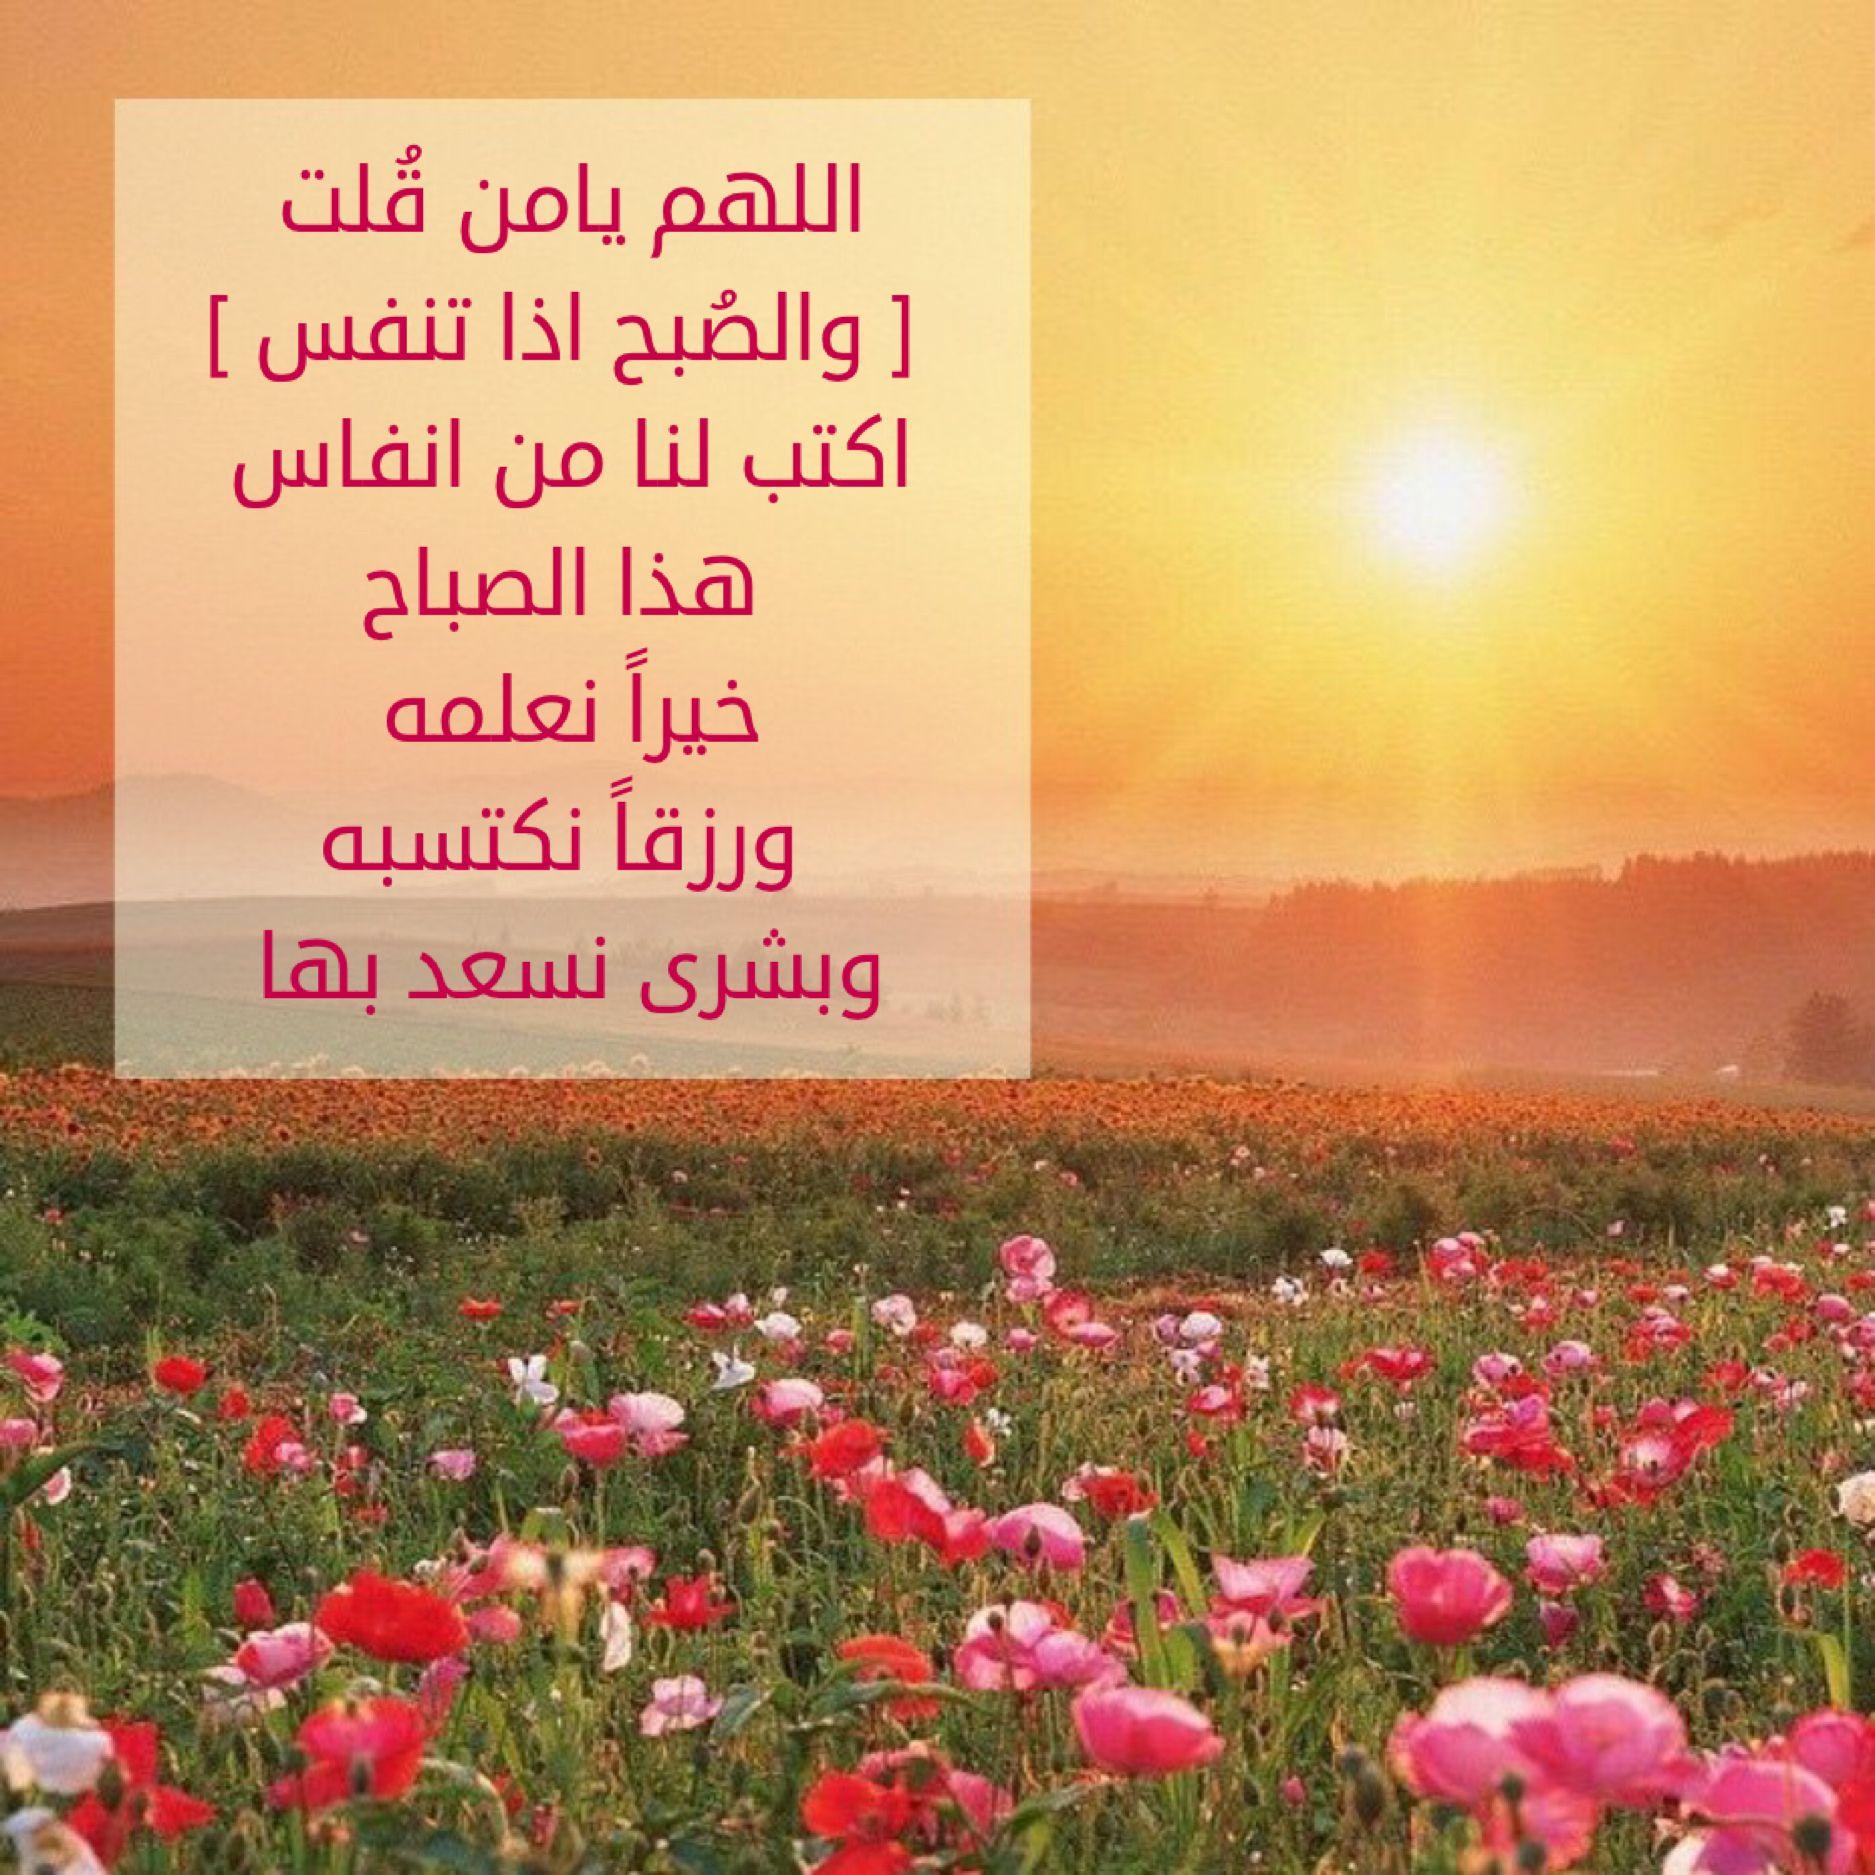 بالصور رسائل صباحية دينية , شاهد بالصور اجمل الرسائل الدينية الصباحية 432 3